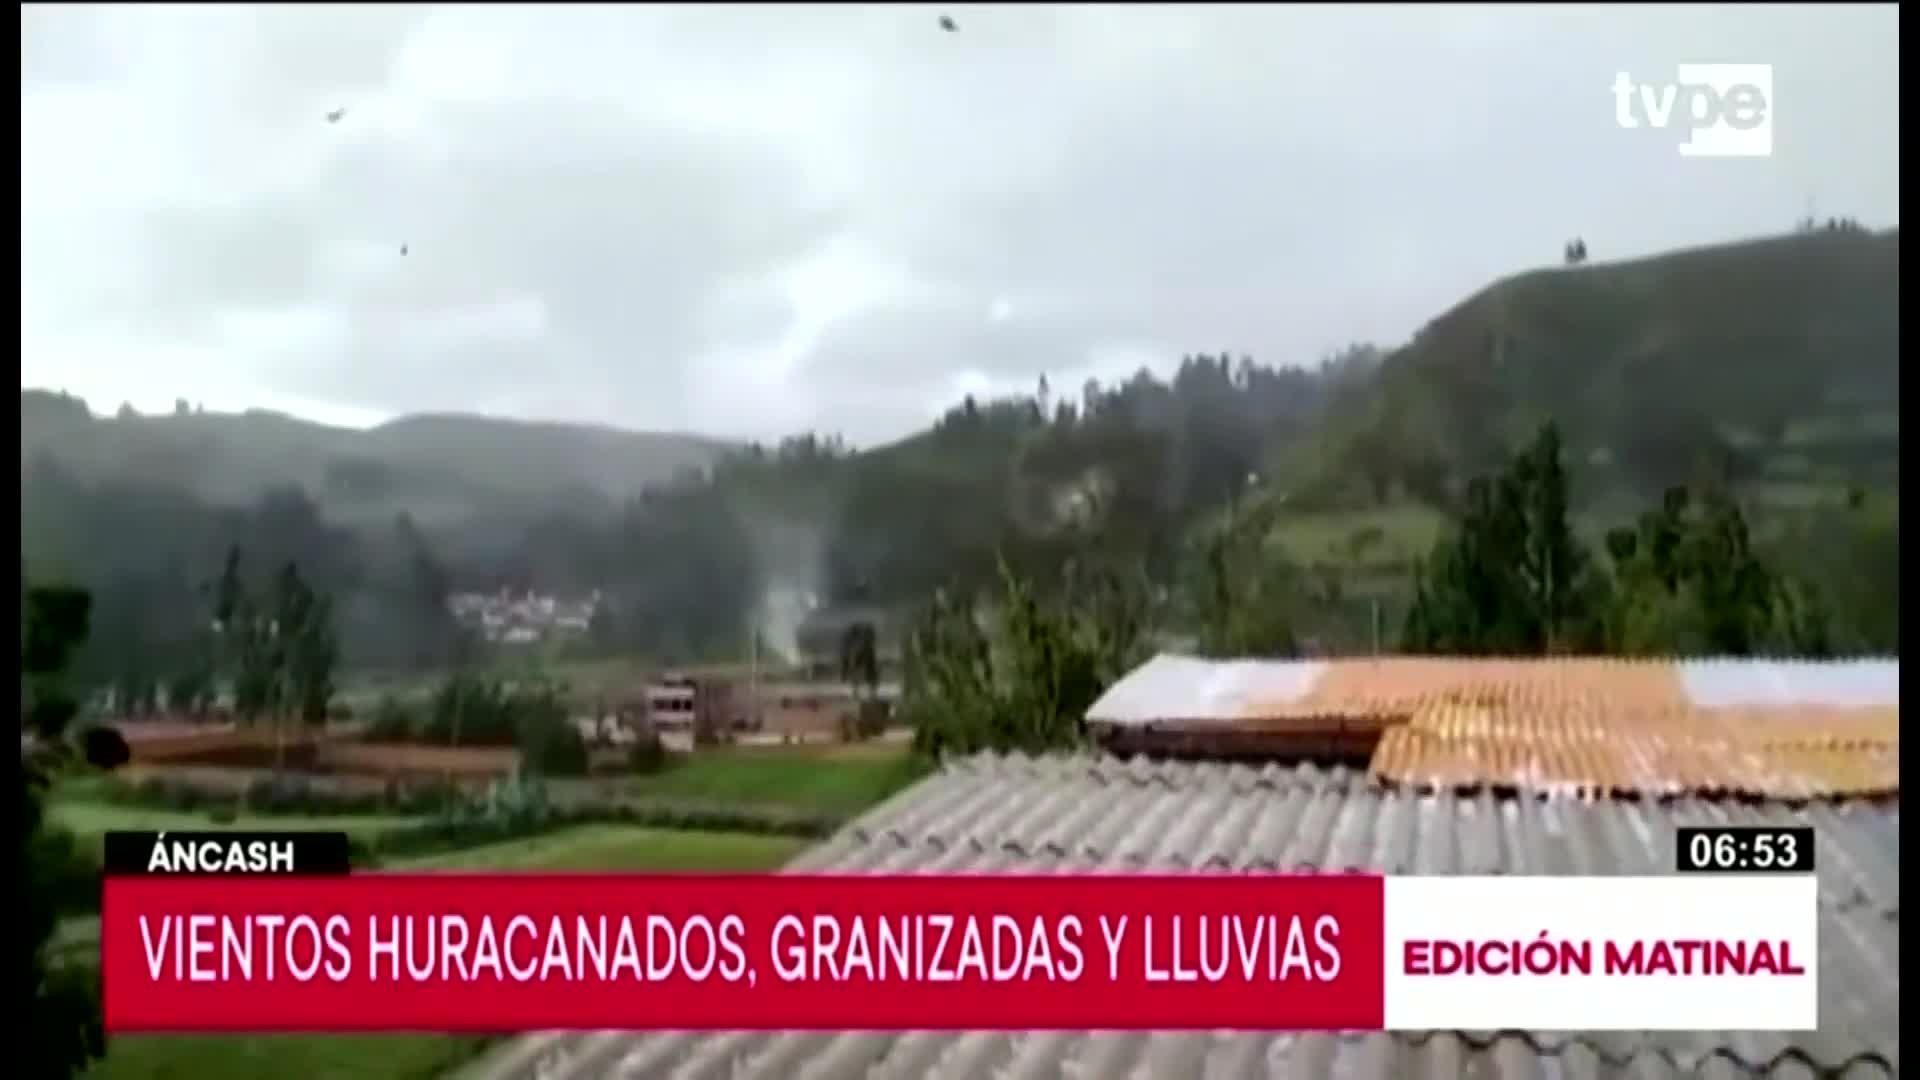 Pobladores de Recuay,Áncash alarmados por vientos huracanados,  granizadas y lluvias